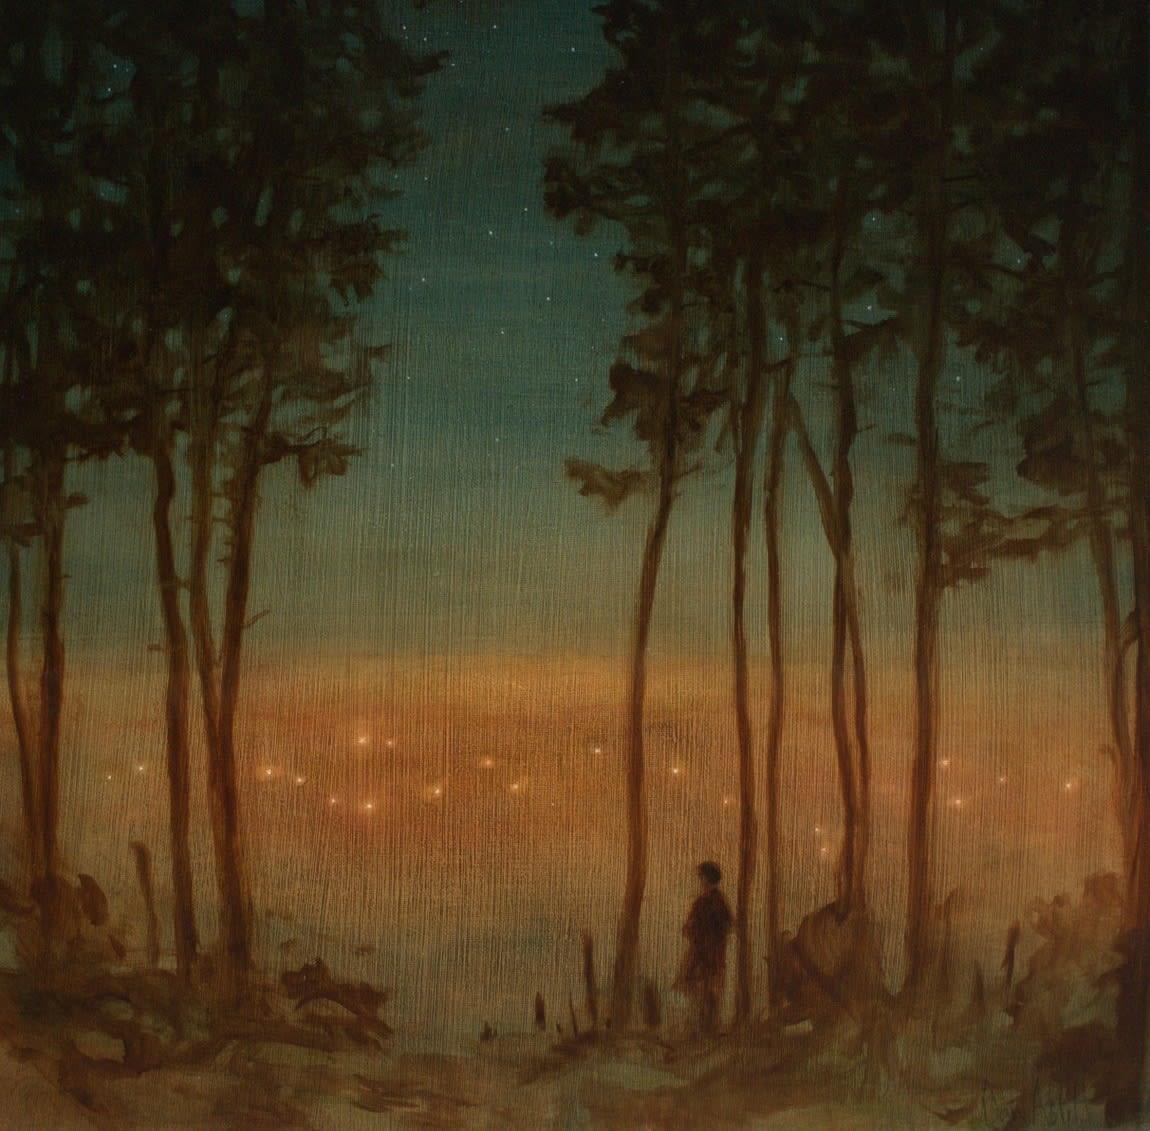 Daniel Ablitt, Distant Lights, 2021